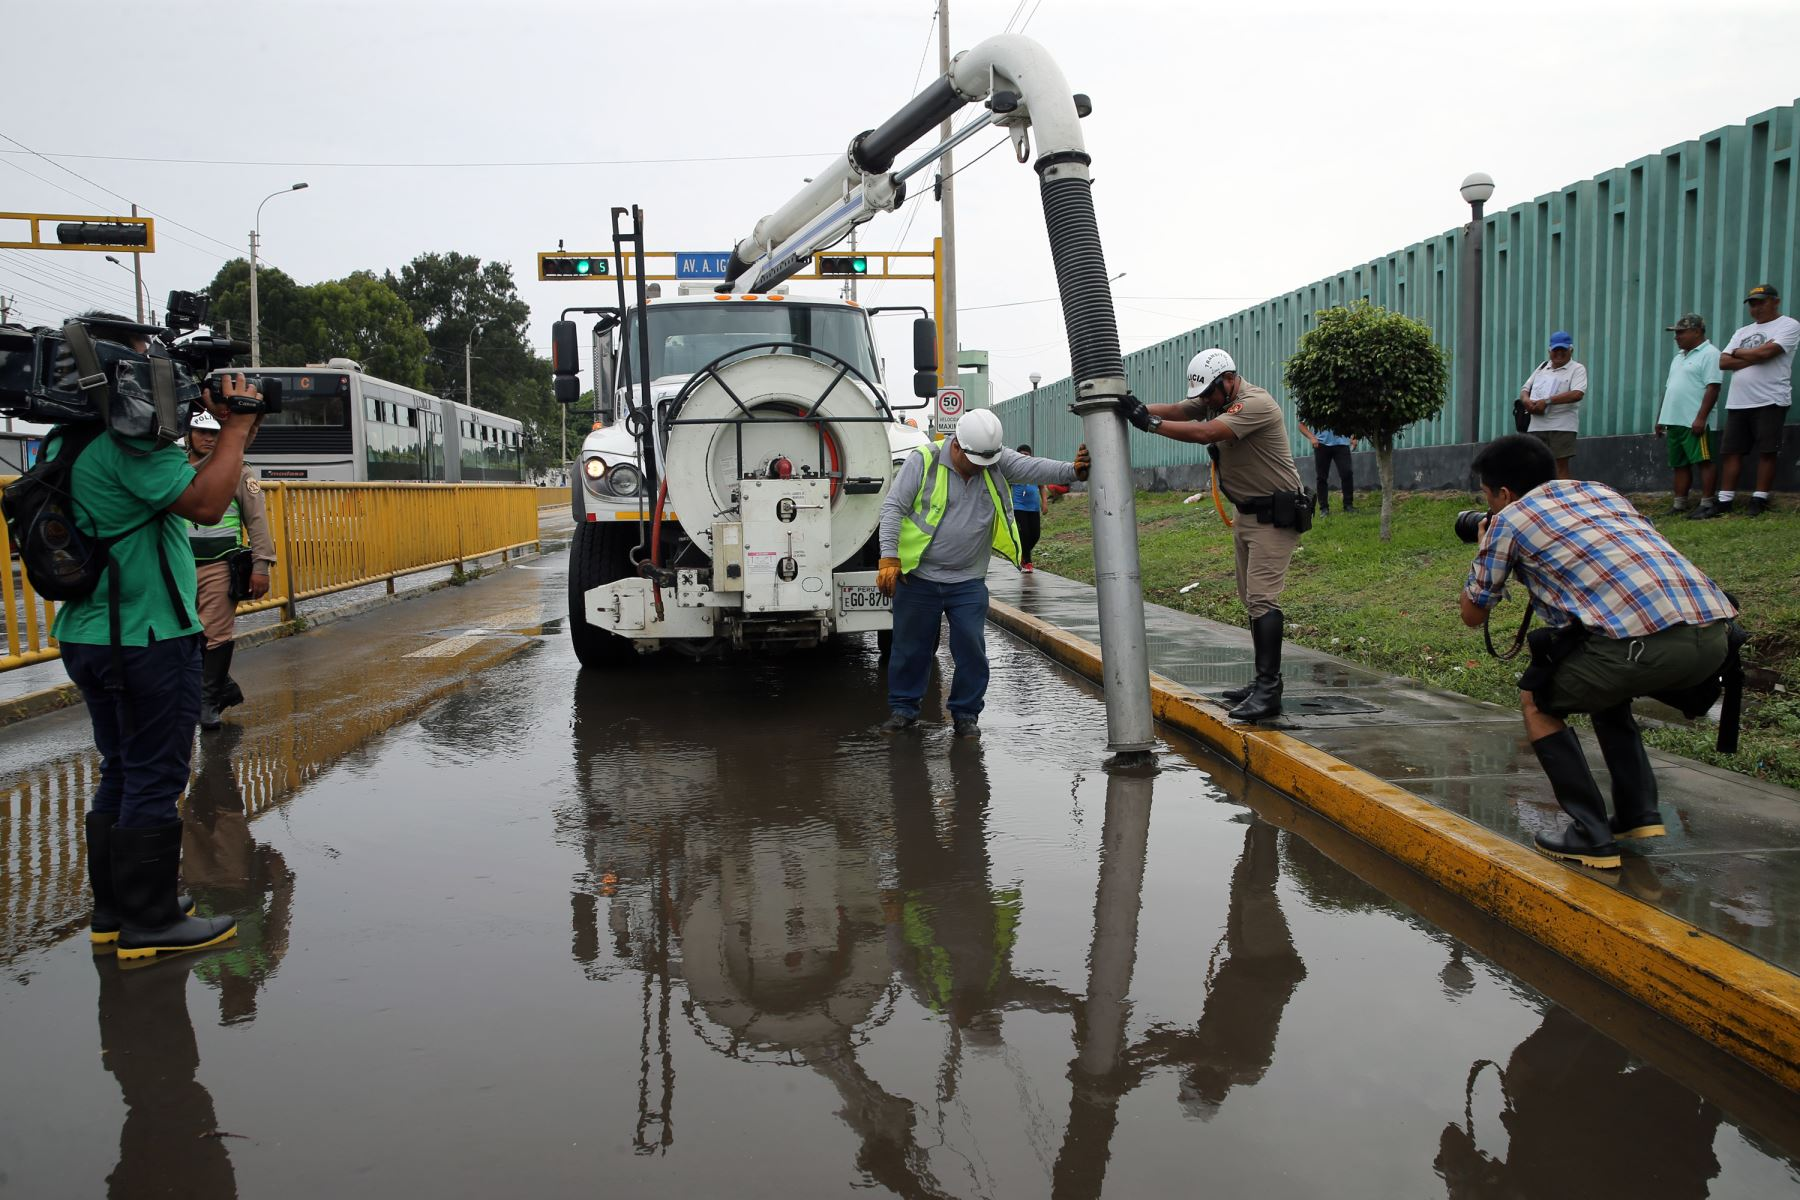 Rotura de tuberia de agua potable,causa aniego en las calles de Chorrillos .Foto: ANDINA/Norman Córdova